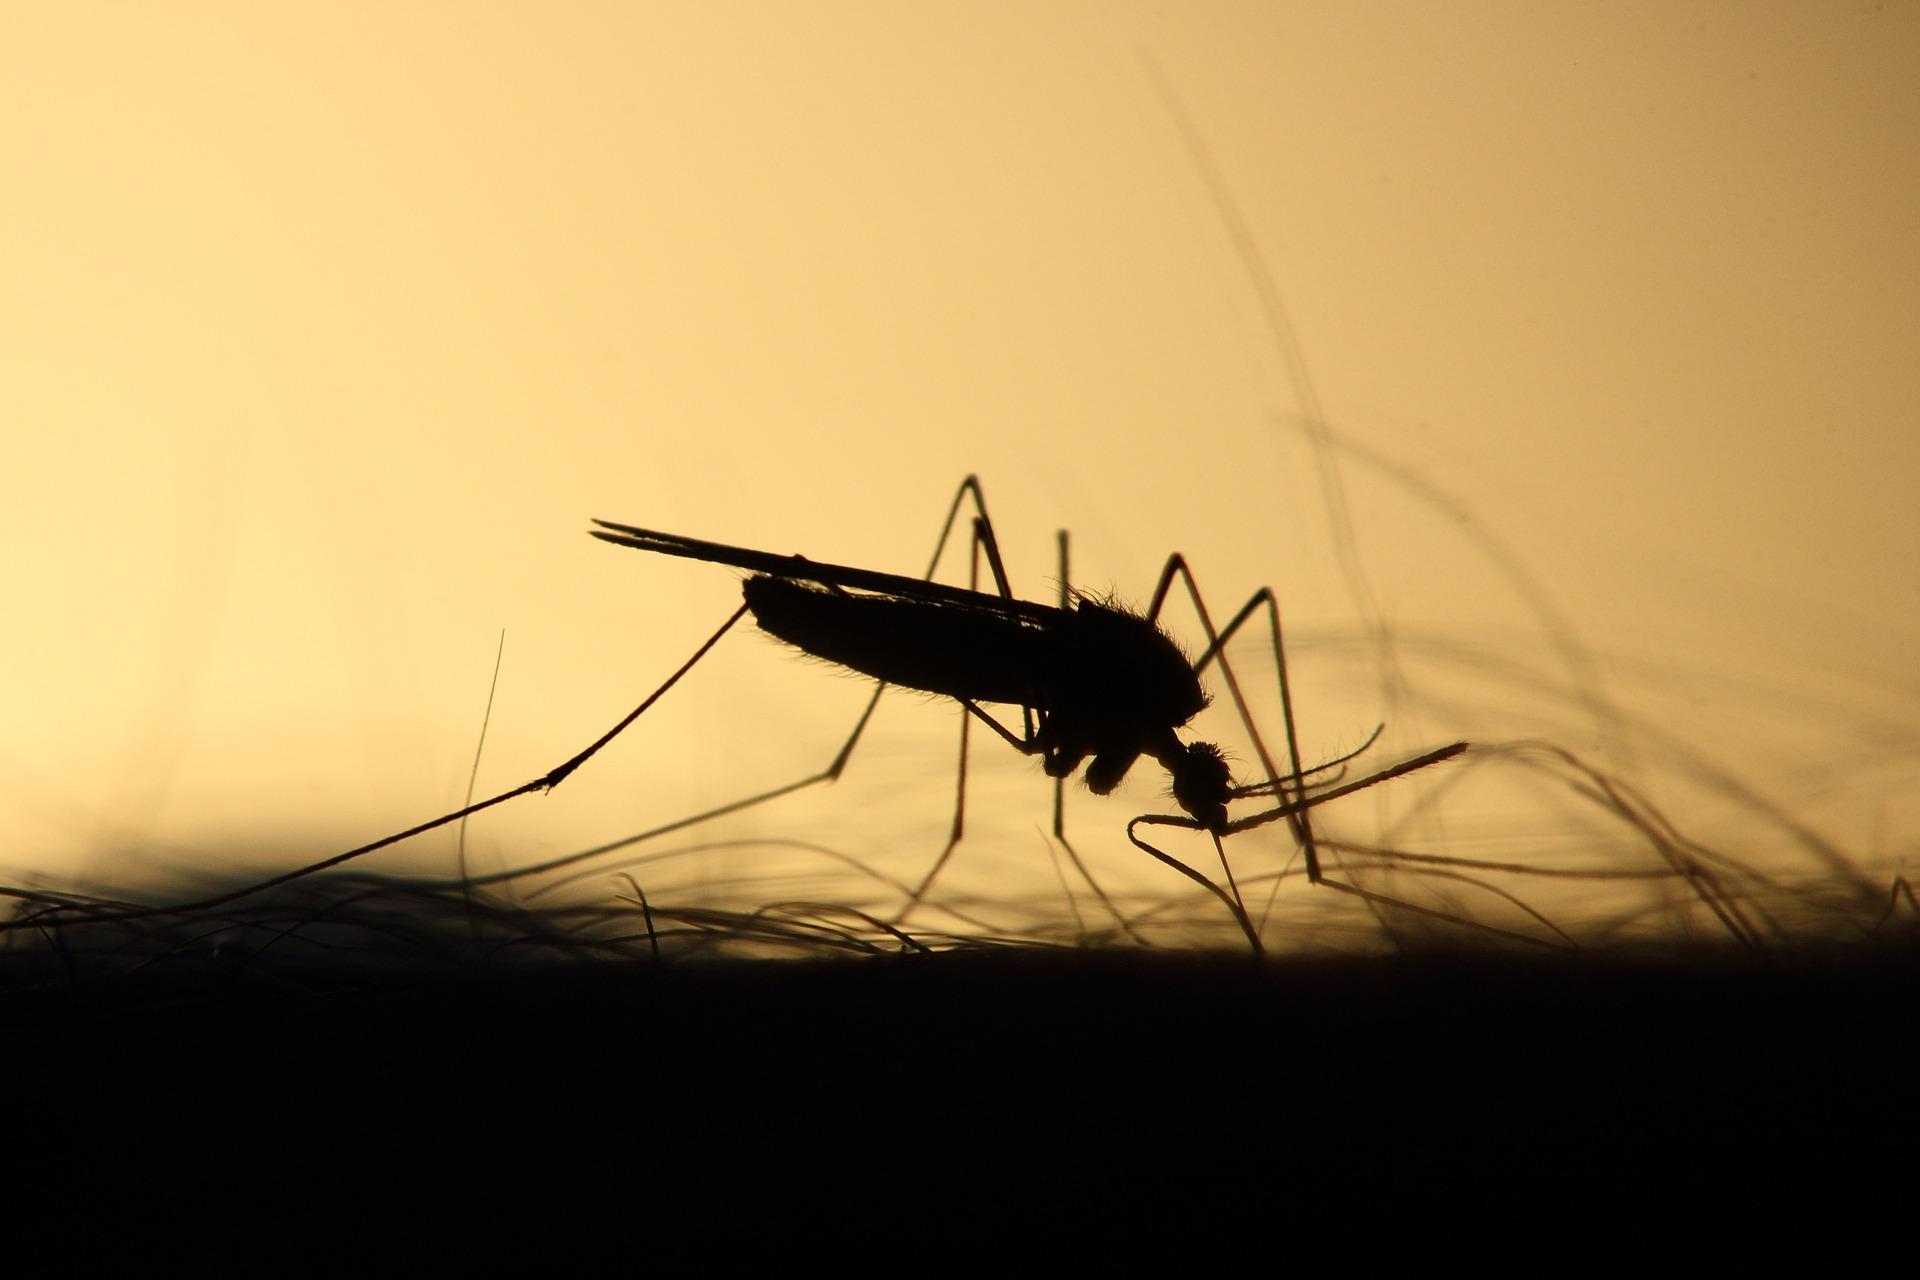 mosquito 3860900 1920